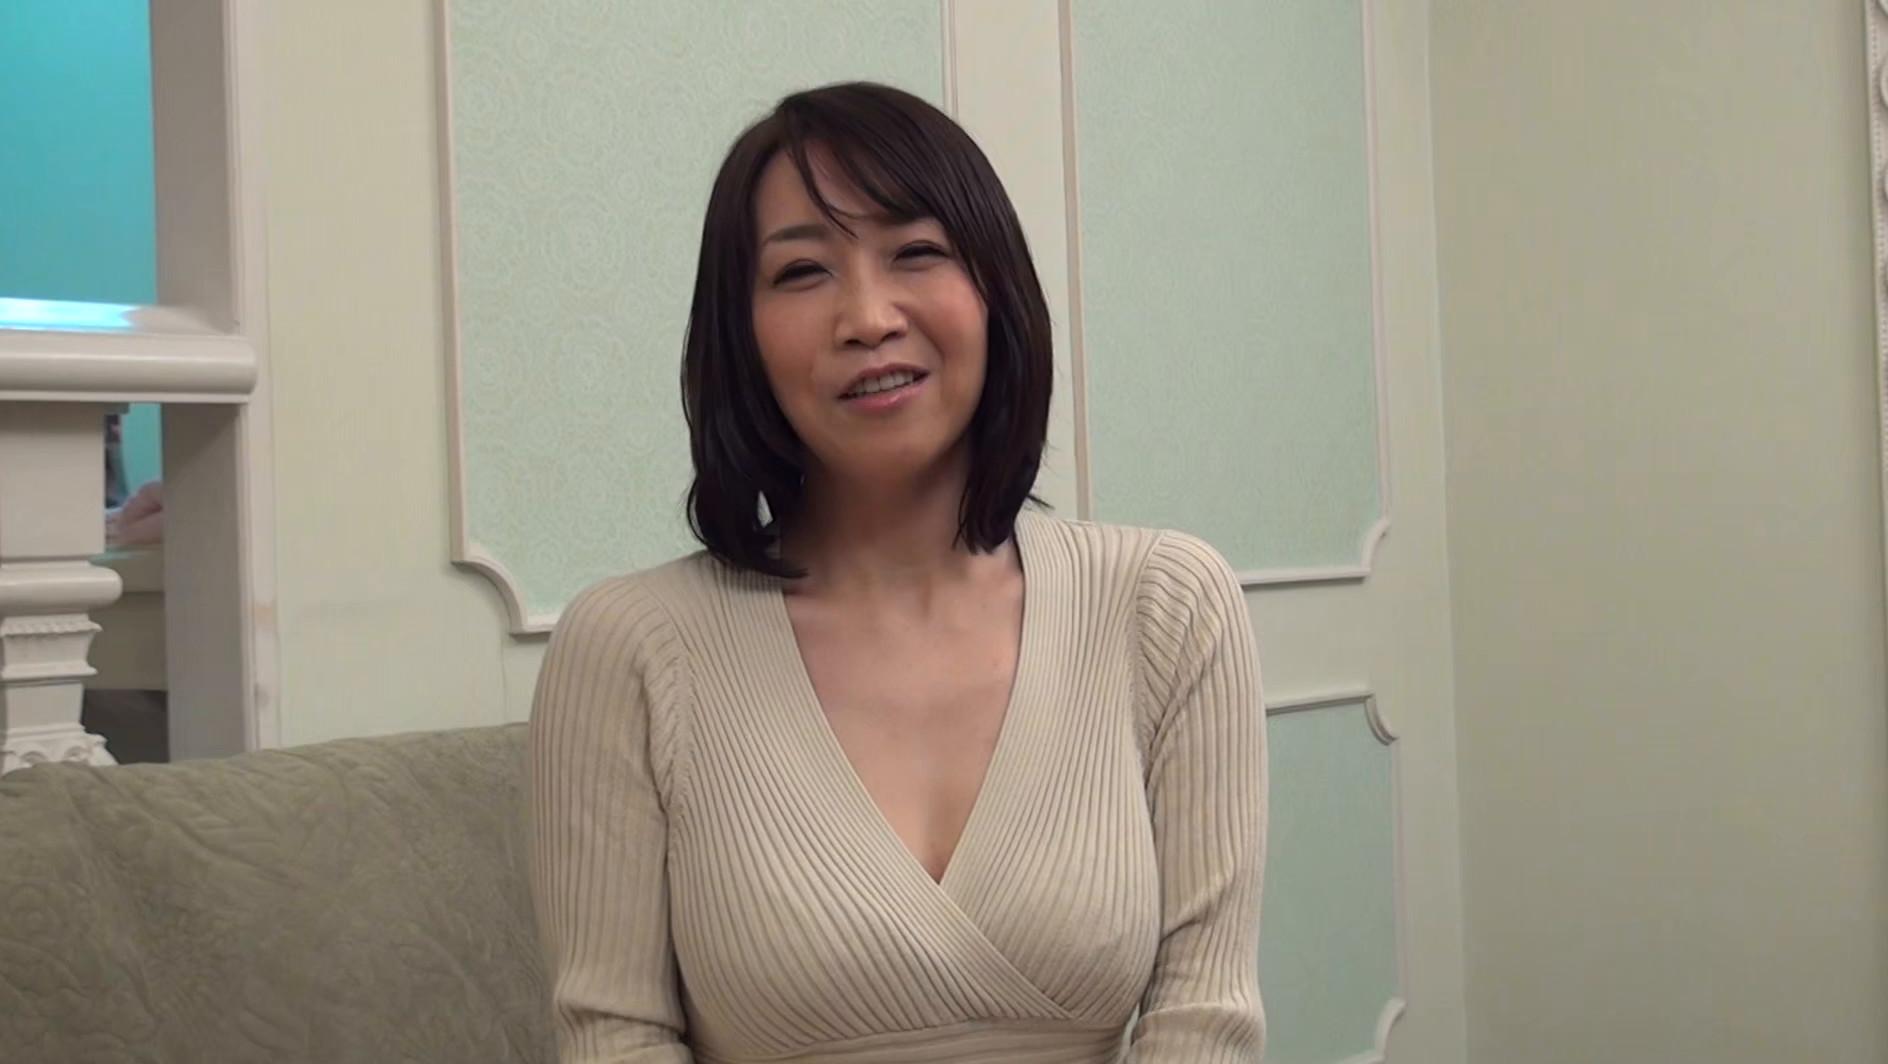 【四十路】応募素人妻 美奈子さん 46歳,のサンプル画像1